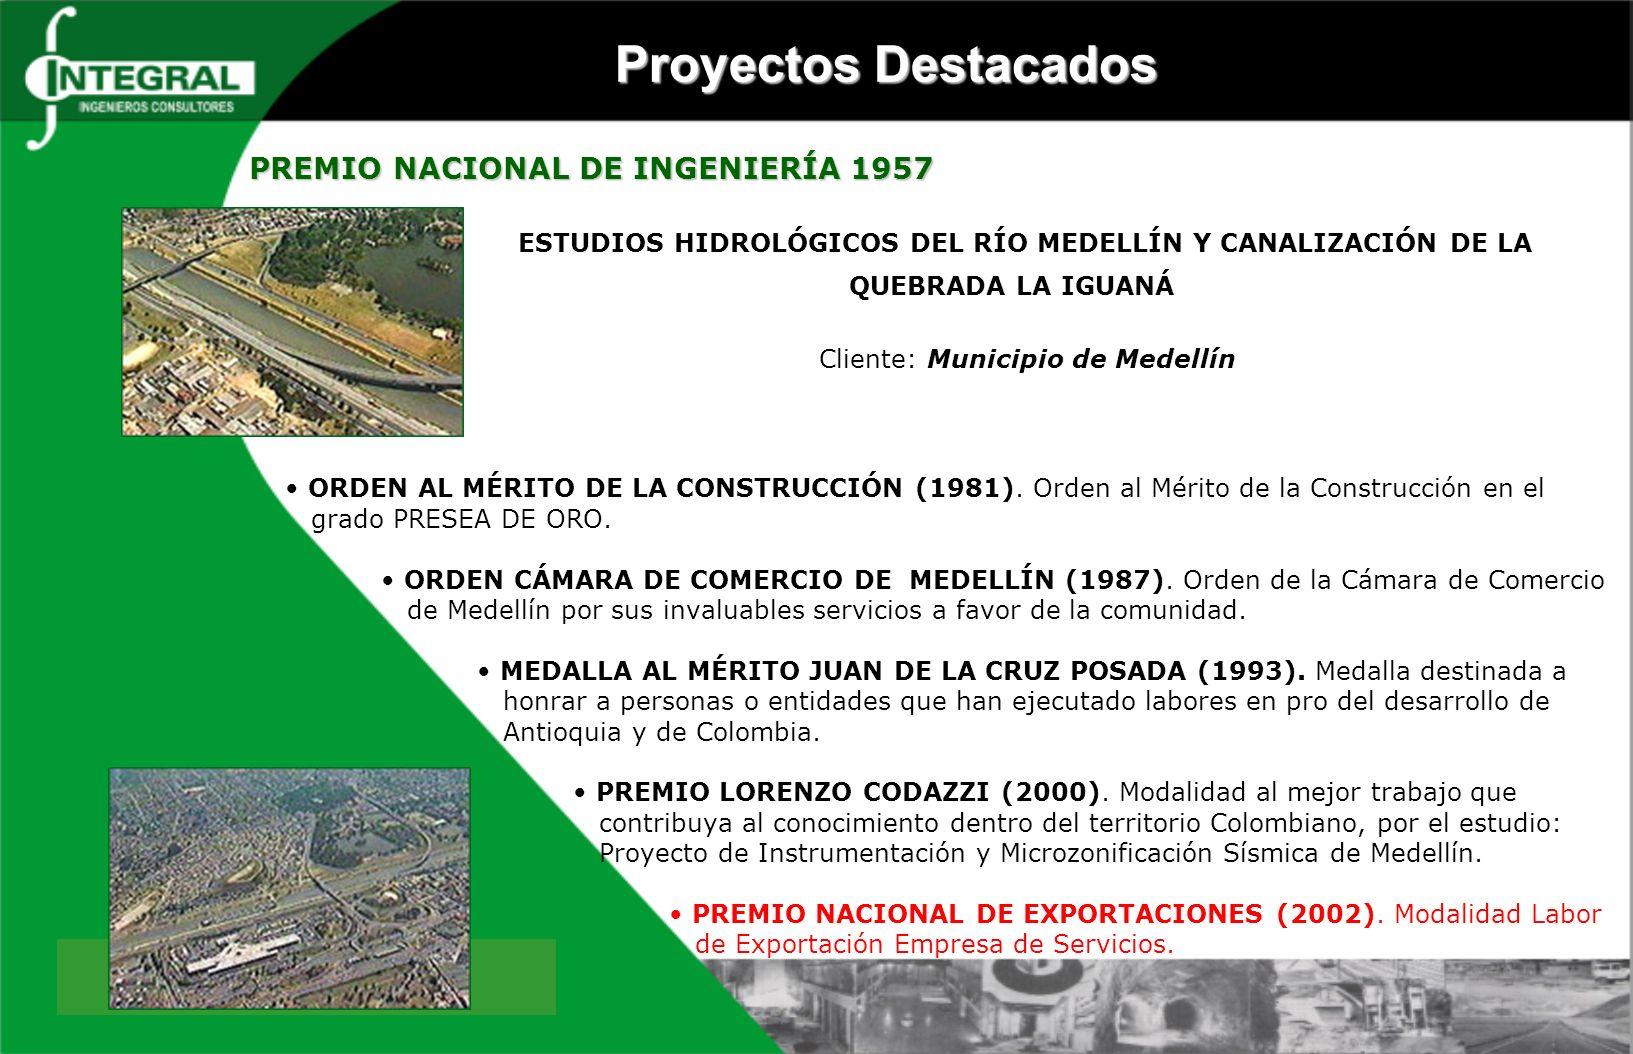 Cliente: Municipio de Medellín